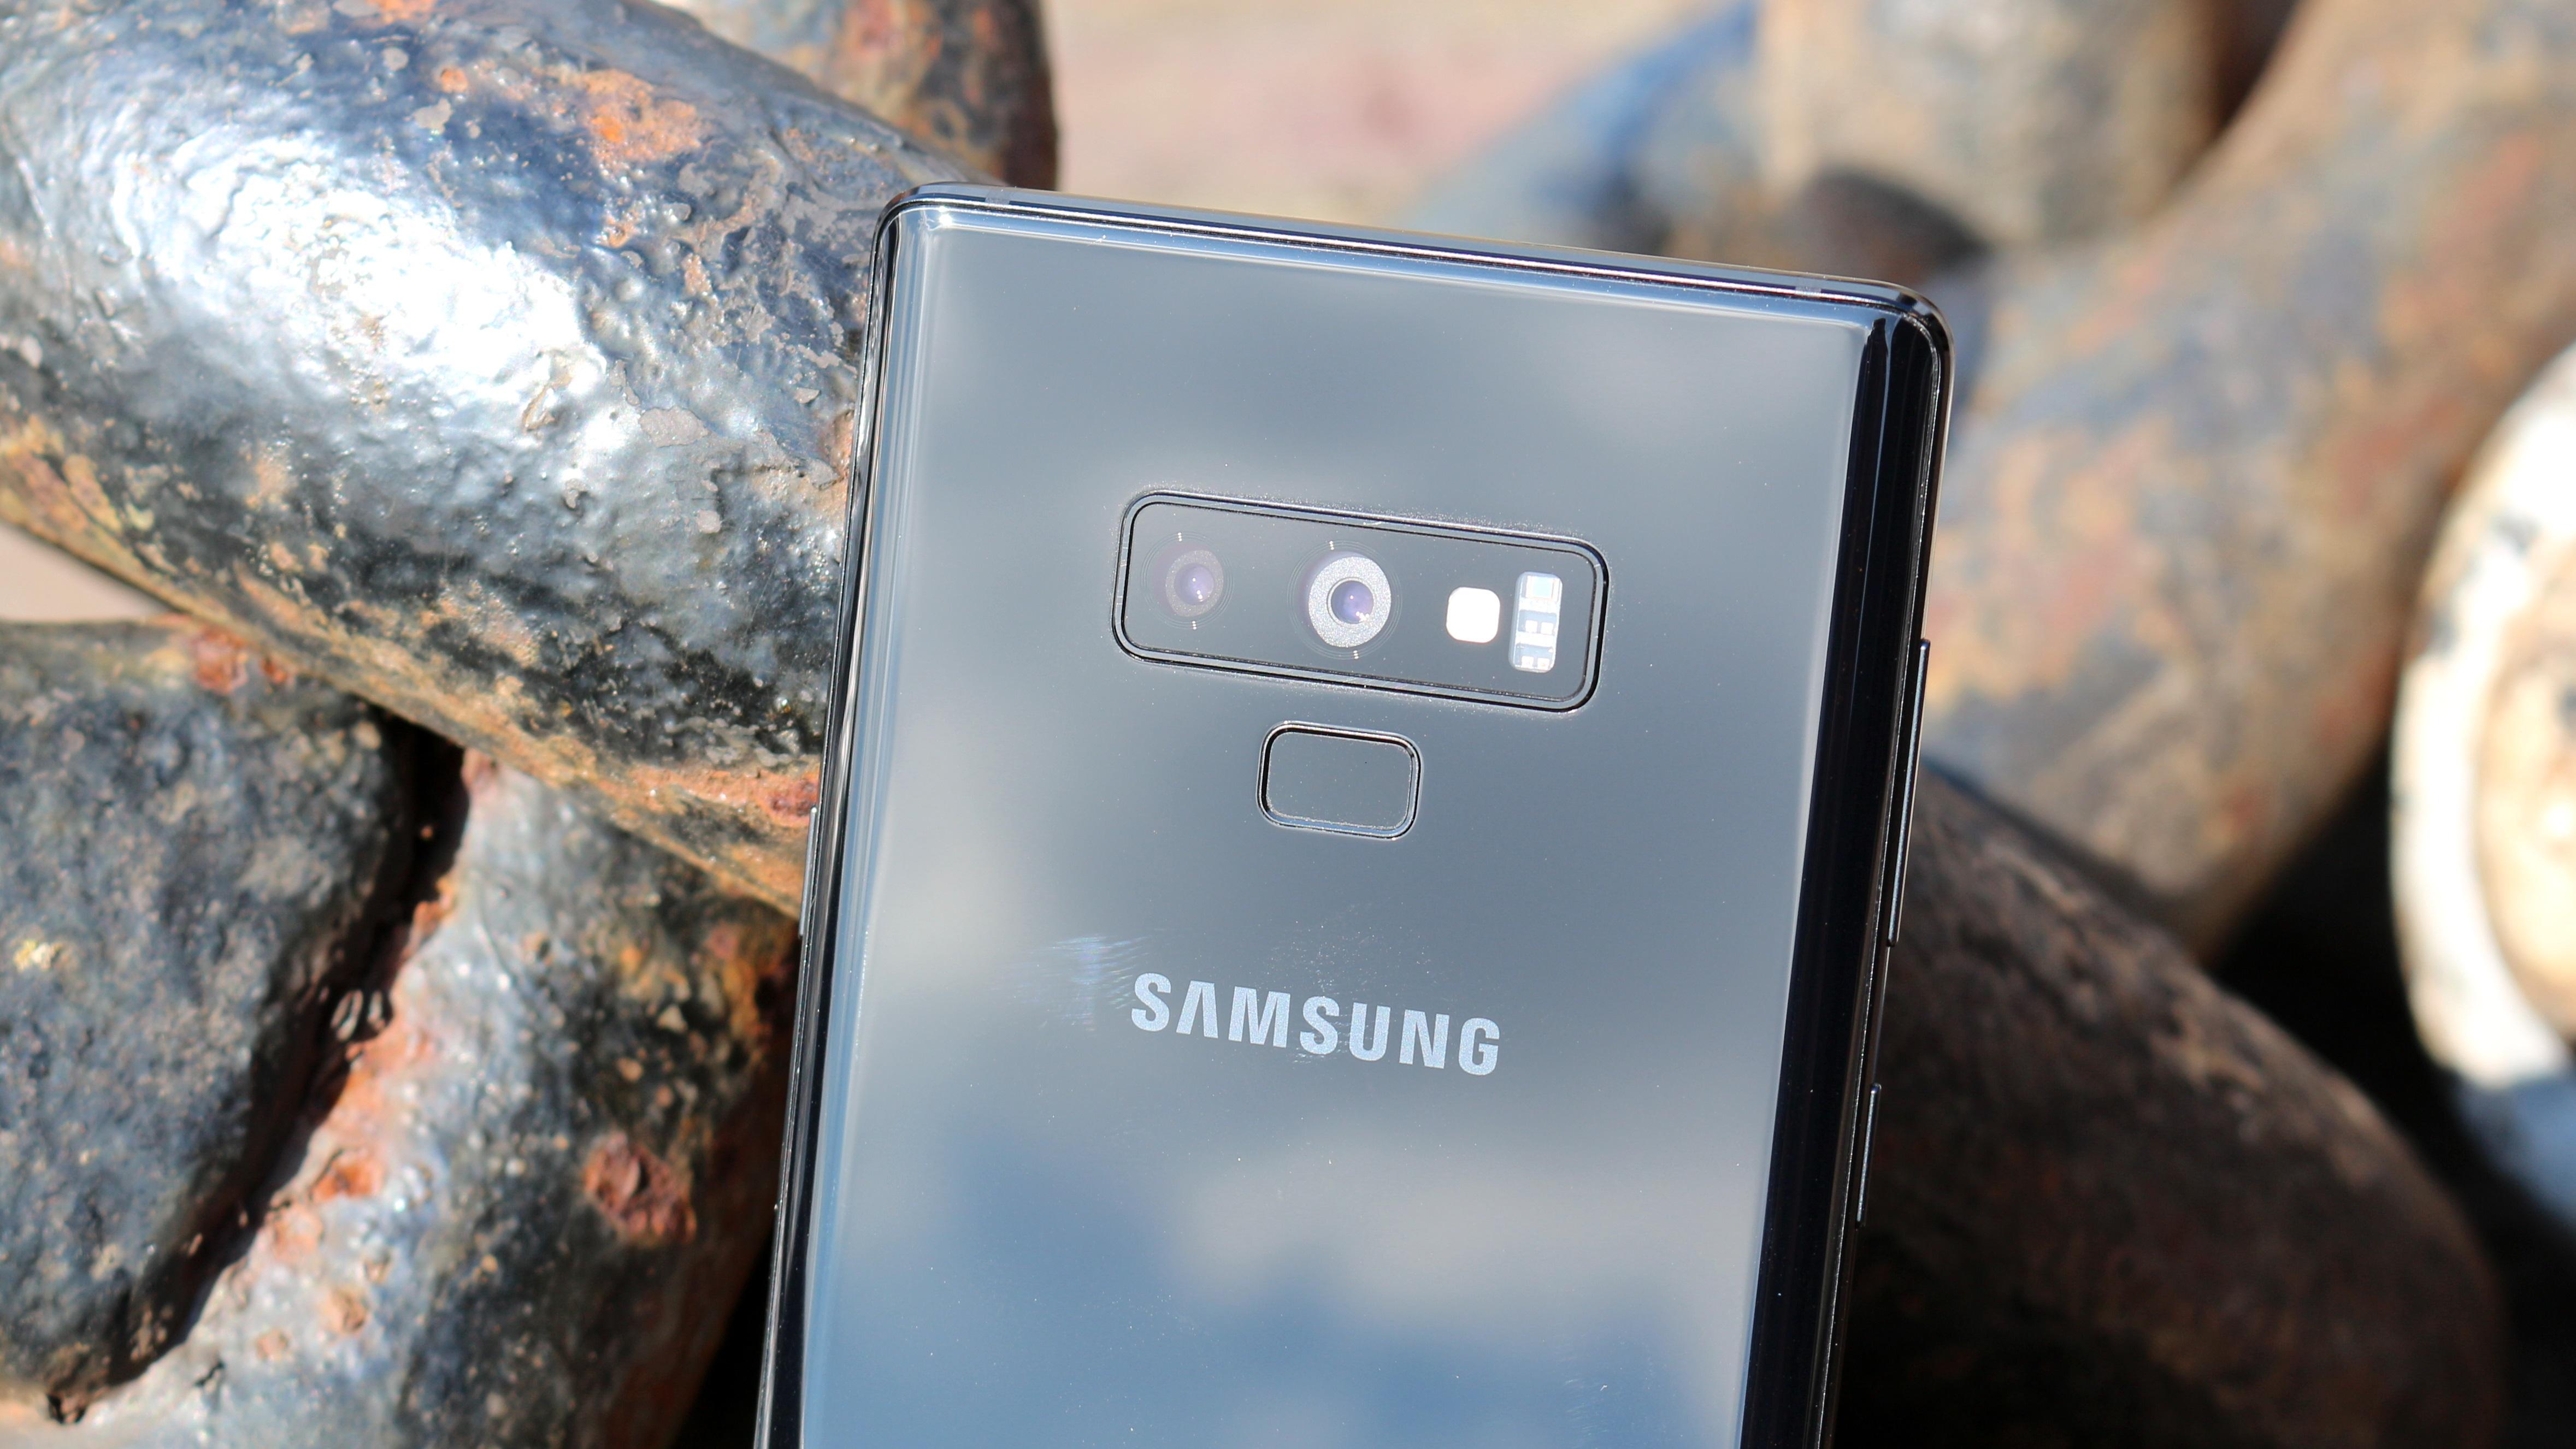 Galaxy S10: So besinnt sich das Samsung-Smartphone auf alte Werte ...